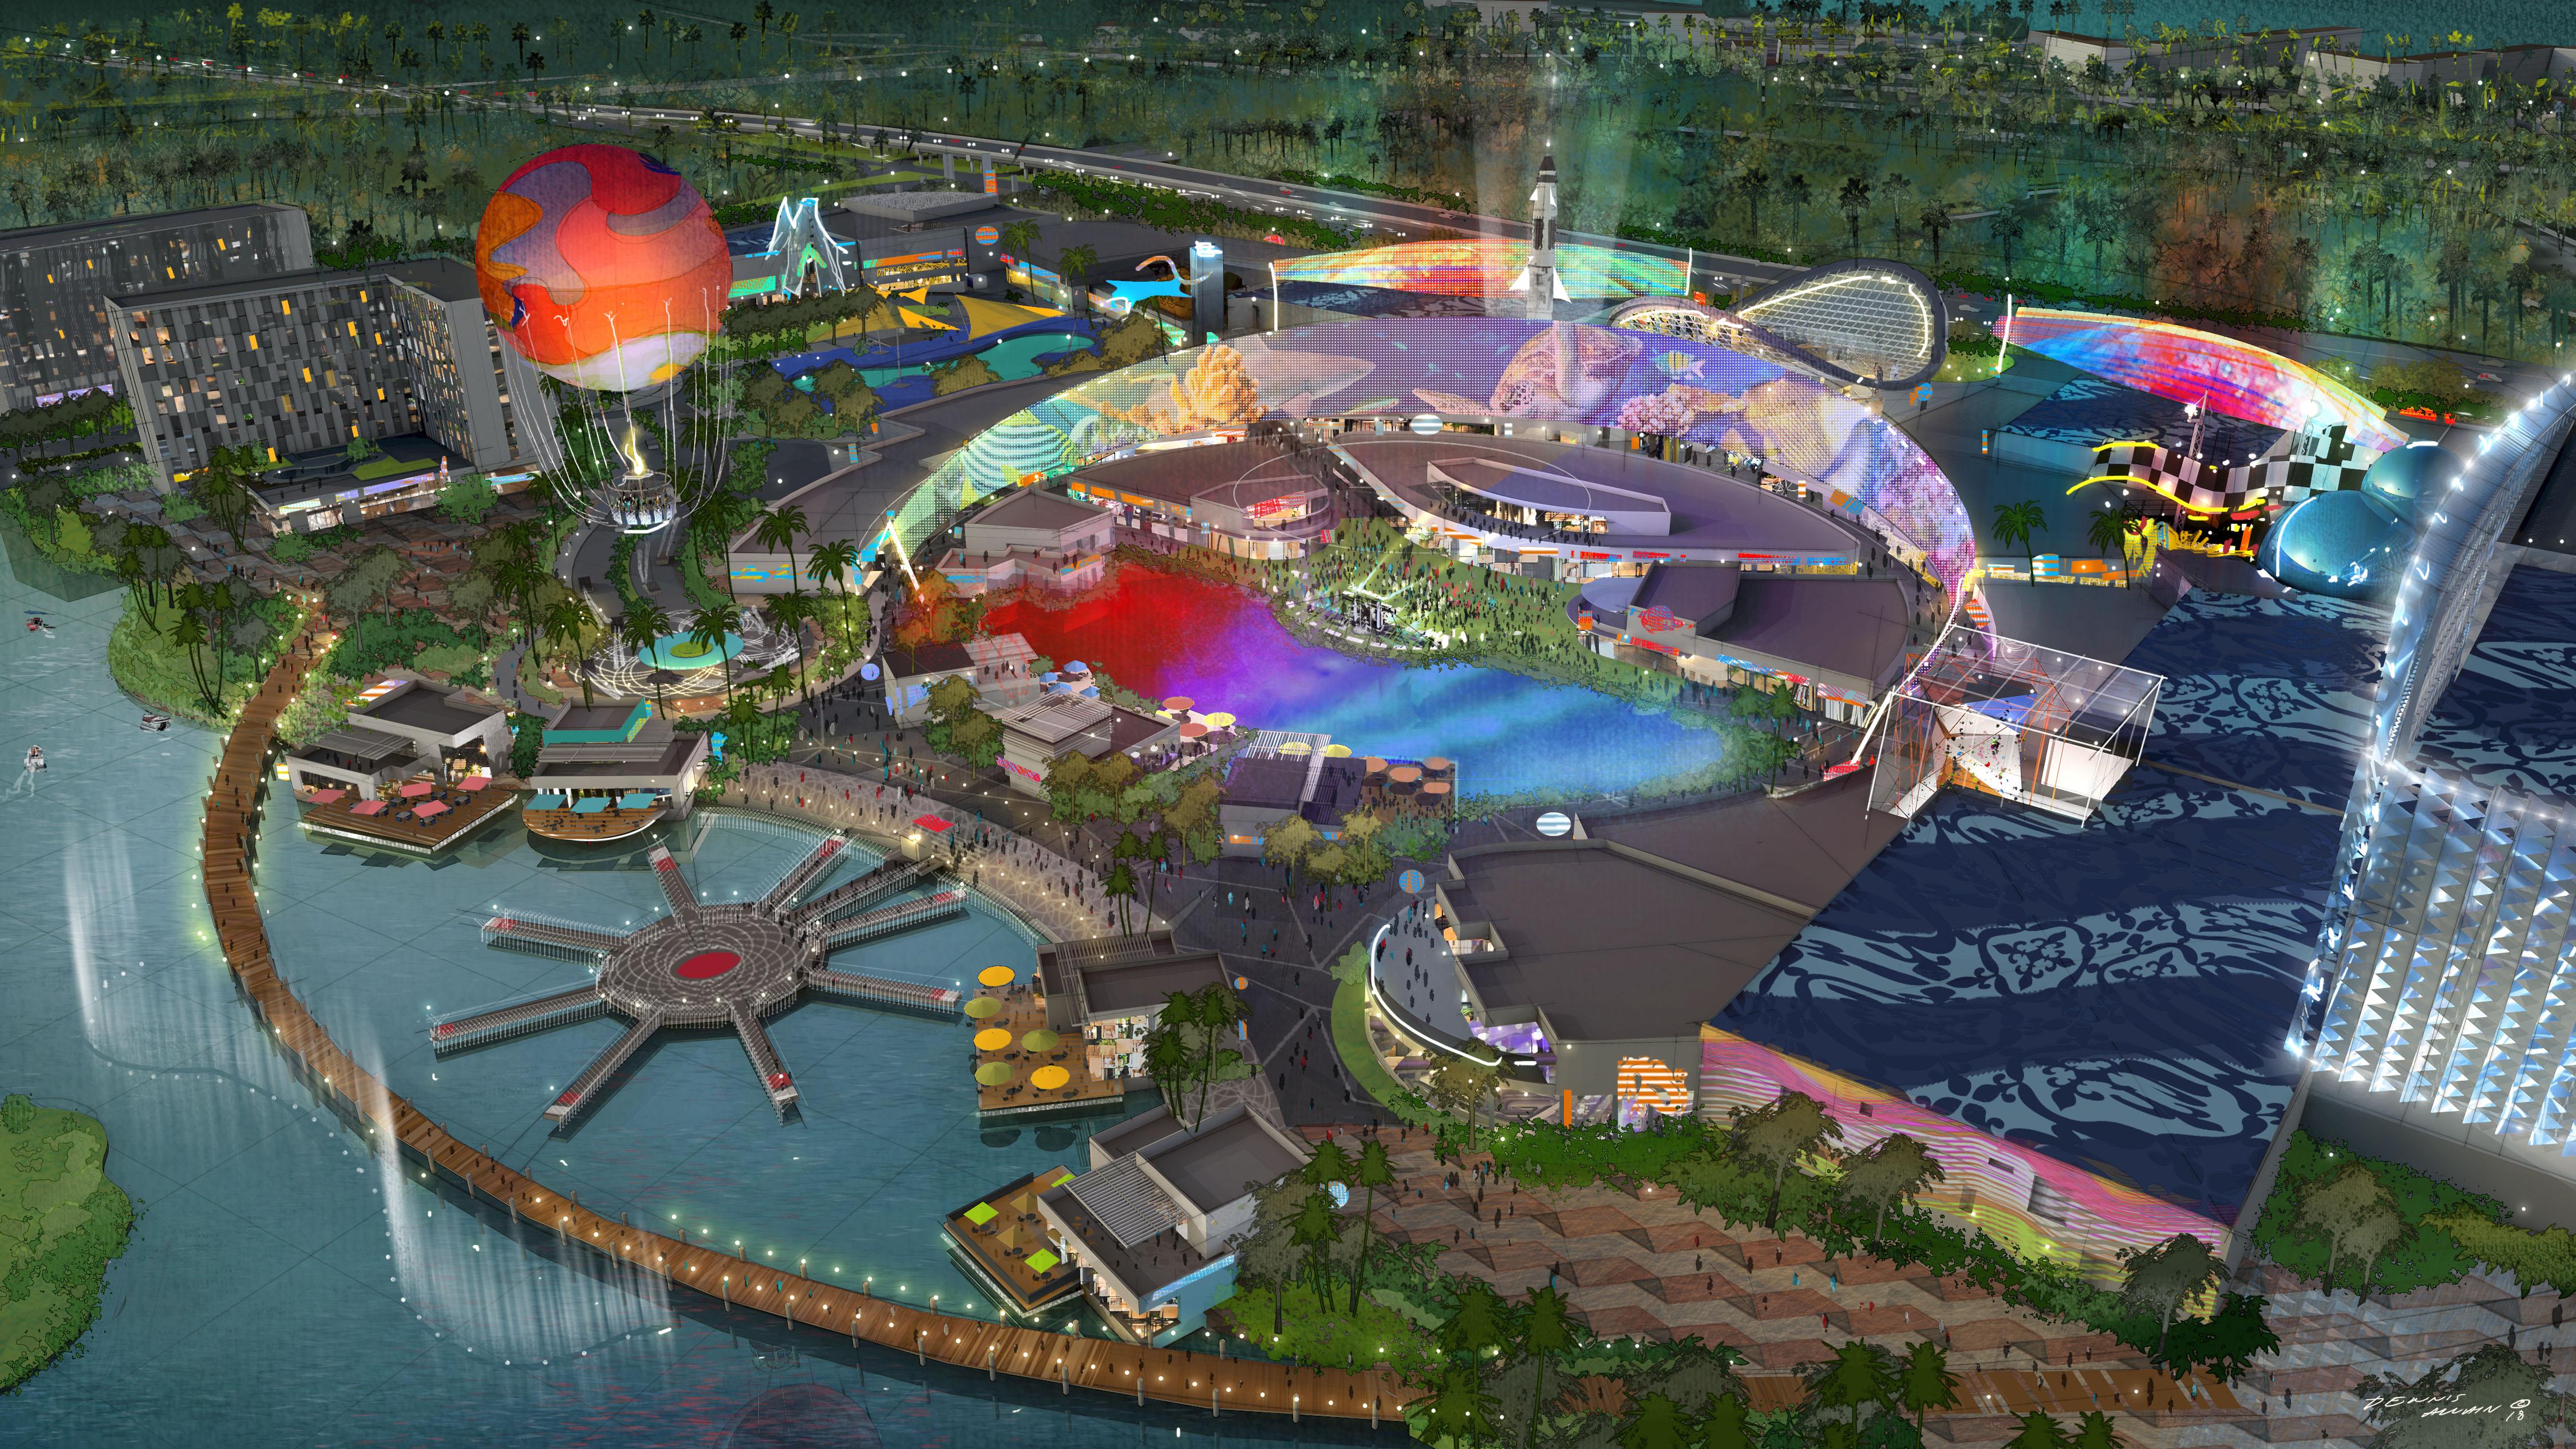 Gicsa abrirá un outlet con acuario y lagos artificiales